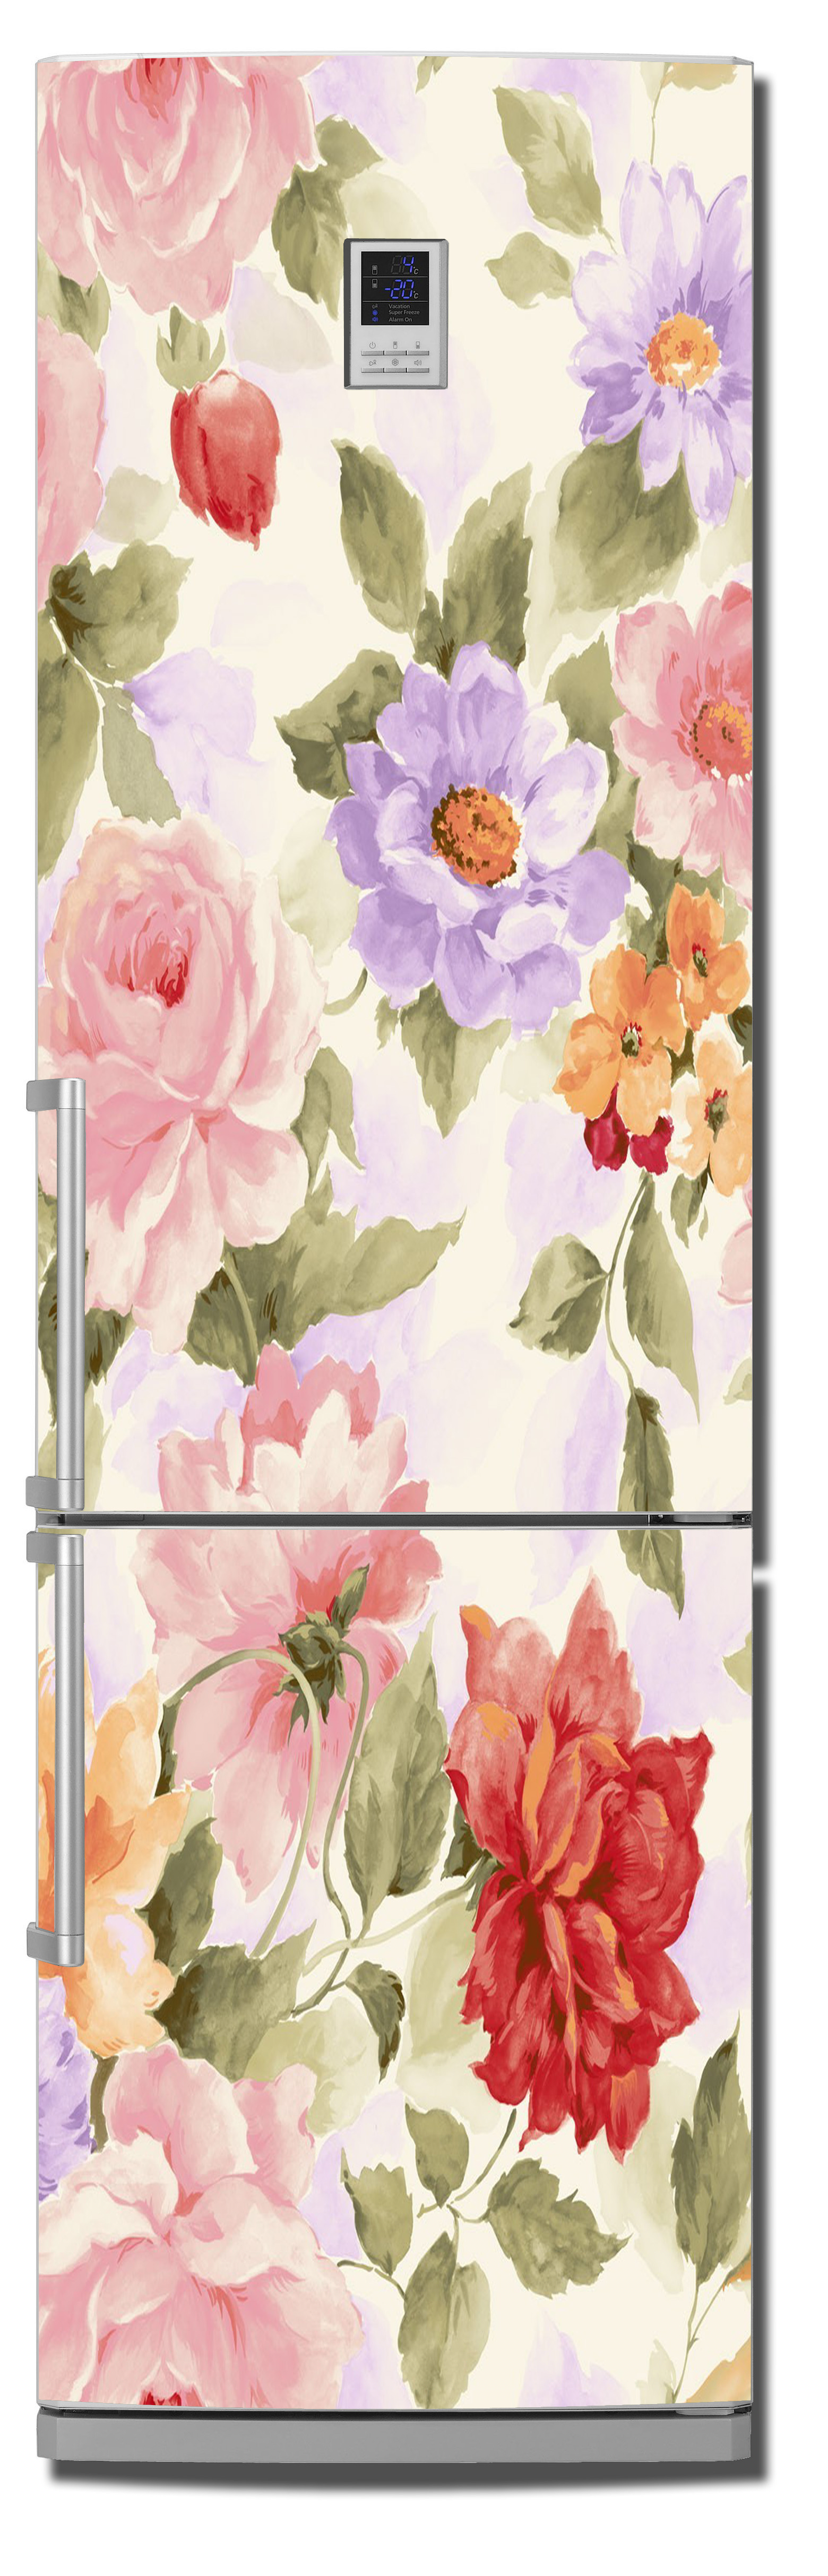 Виниловая наклейка на холодильник - Прованс